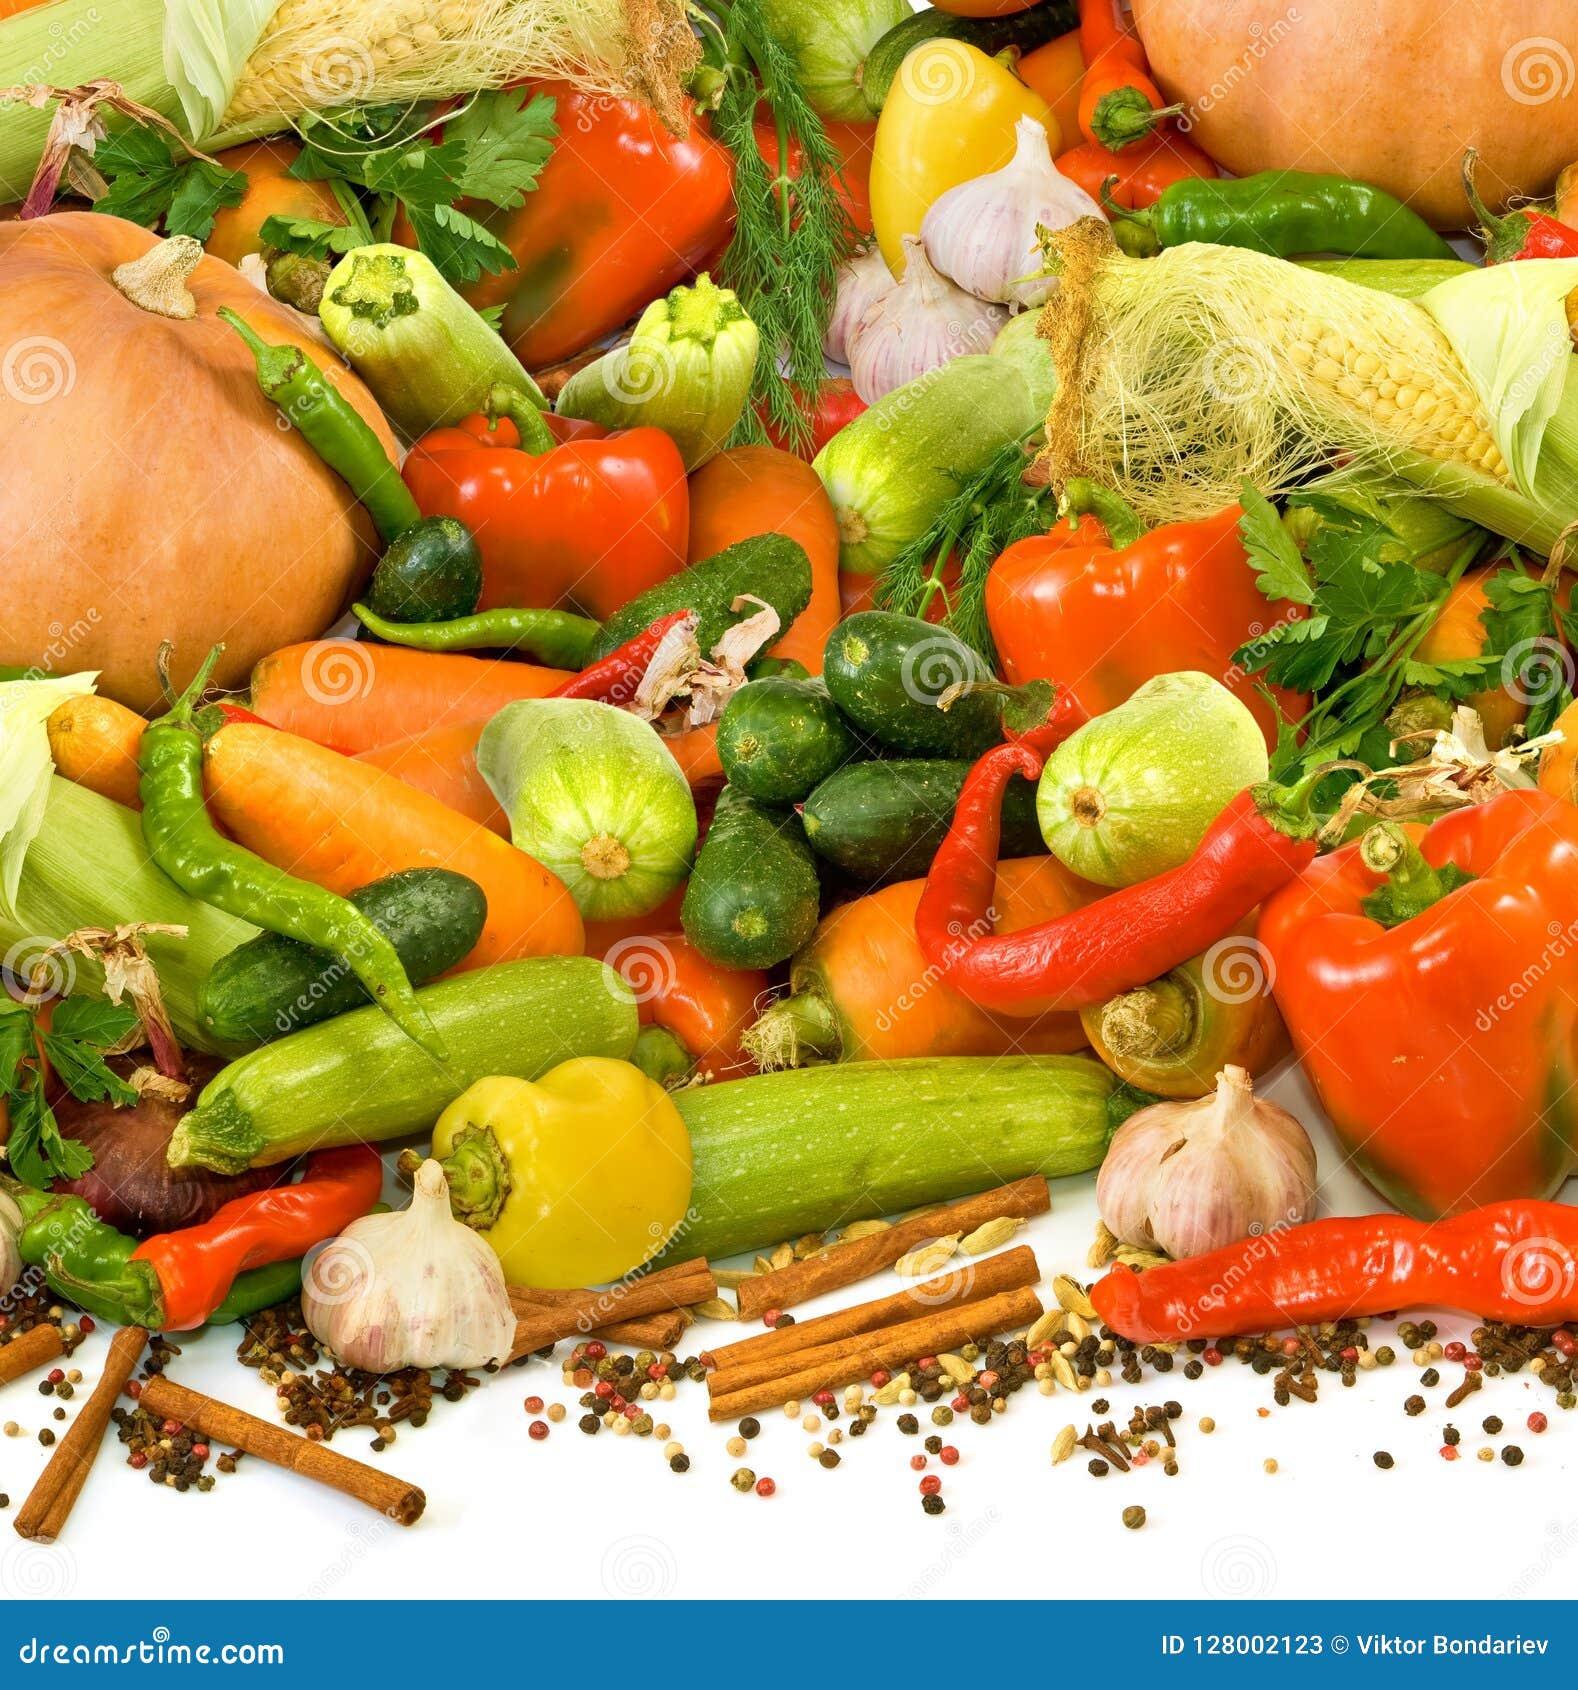 Geïsoleerd beeld van vele rijpe groenten, kruiden en kruidenclose-up